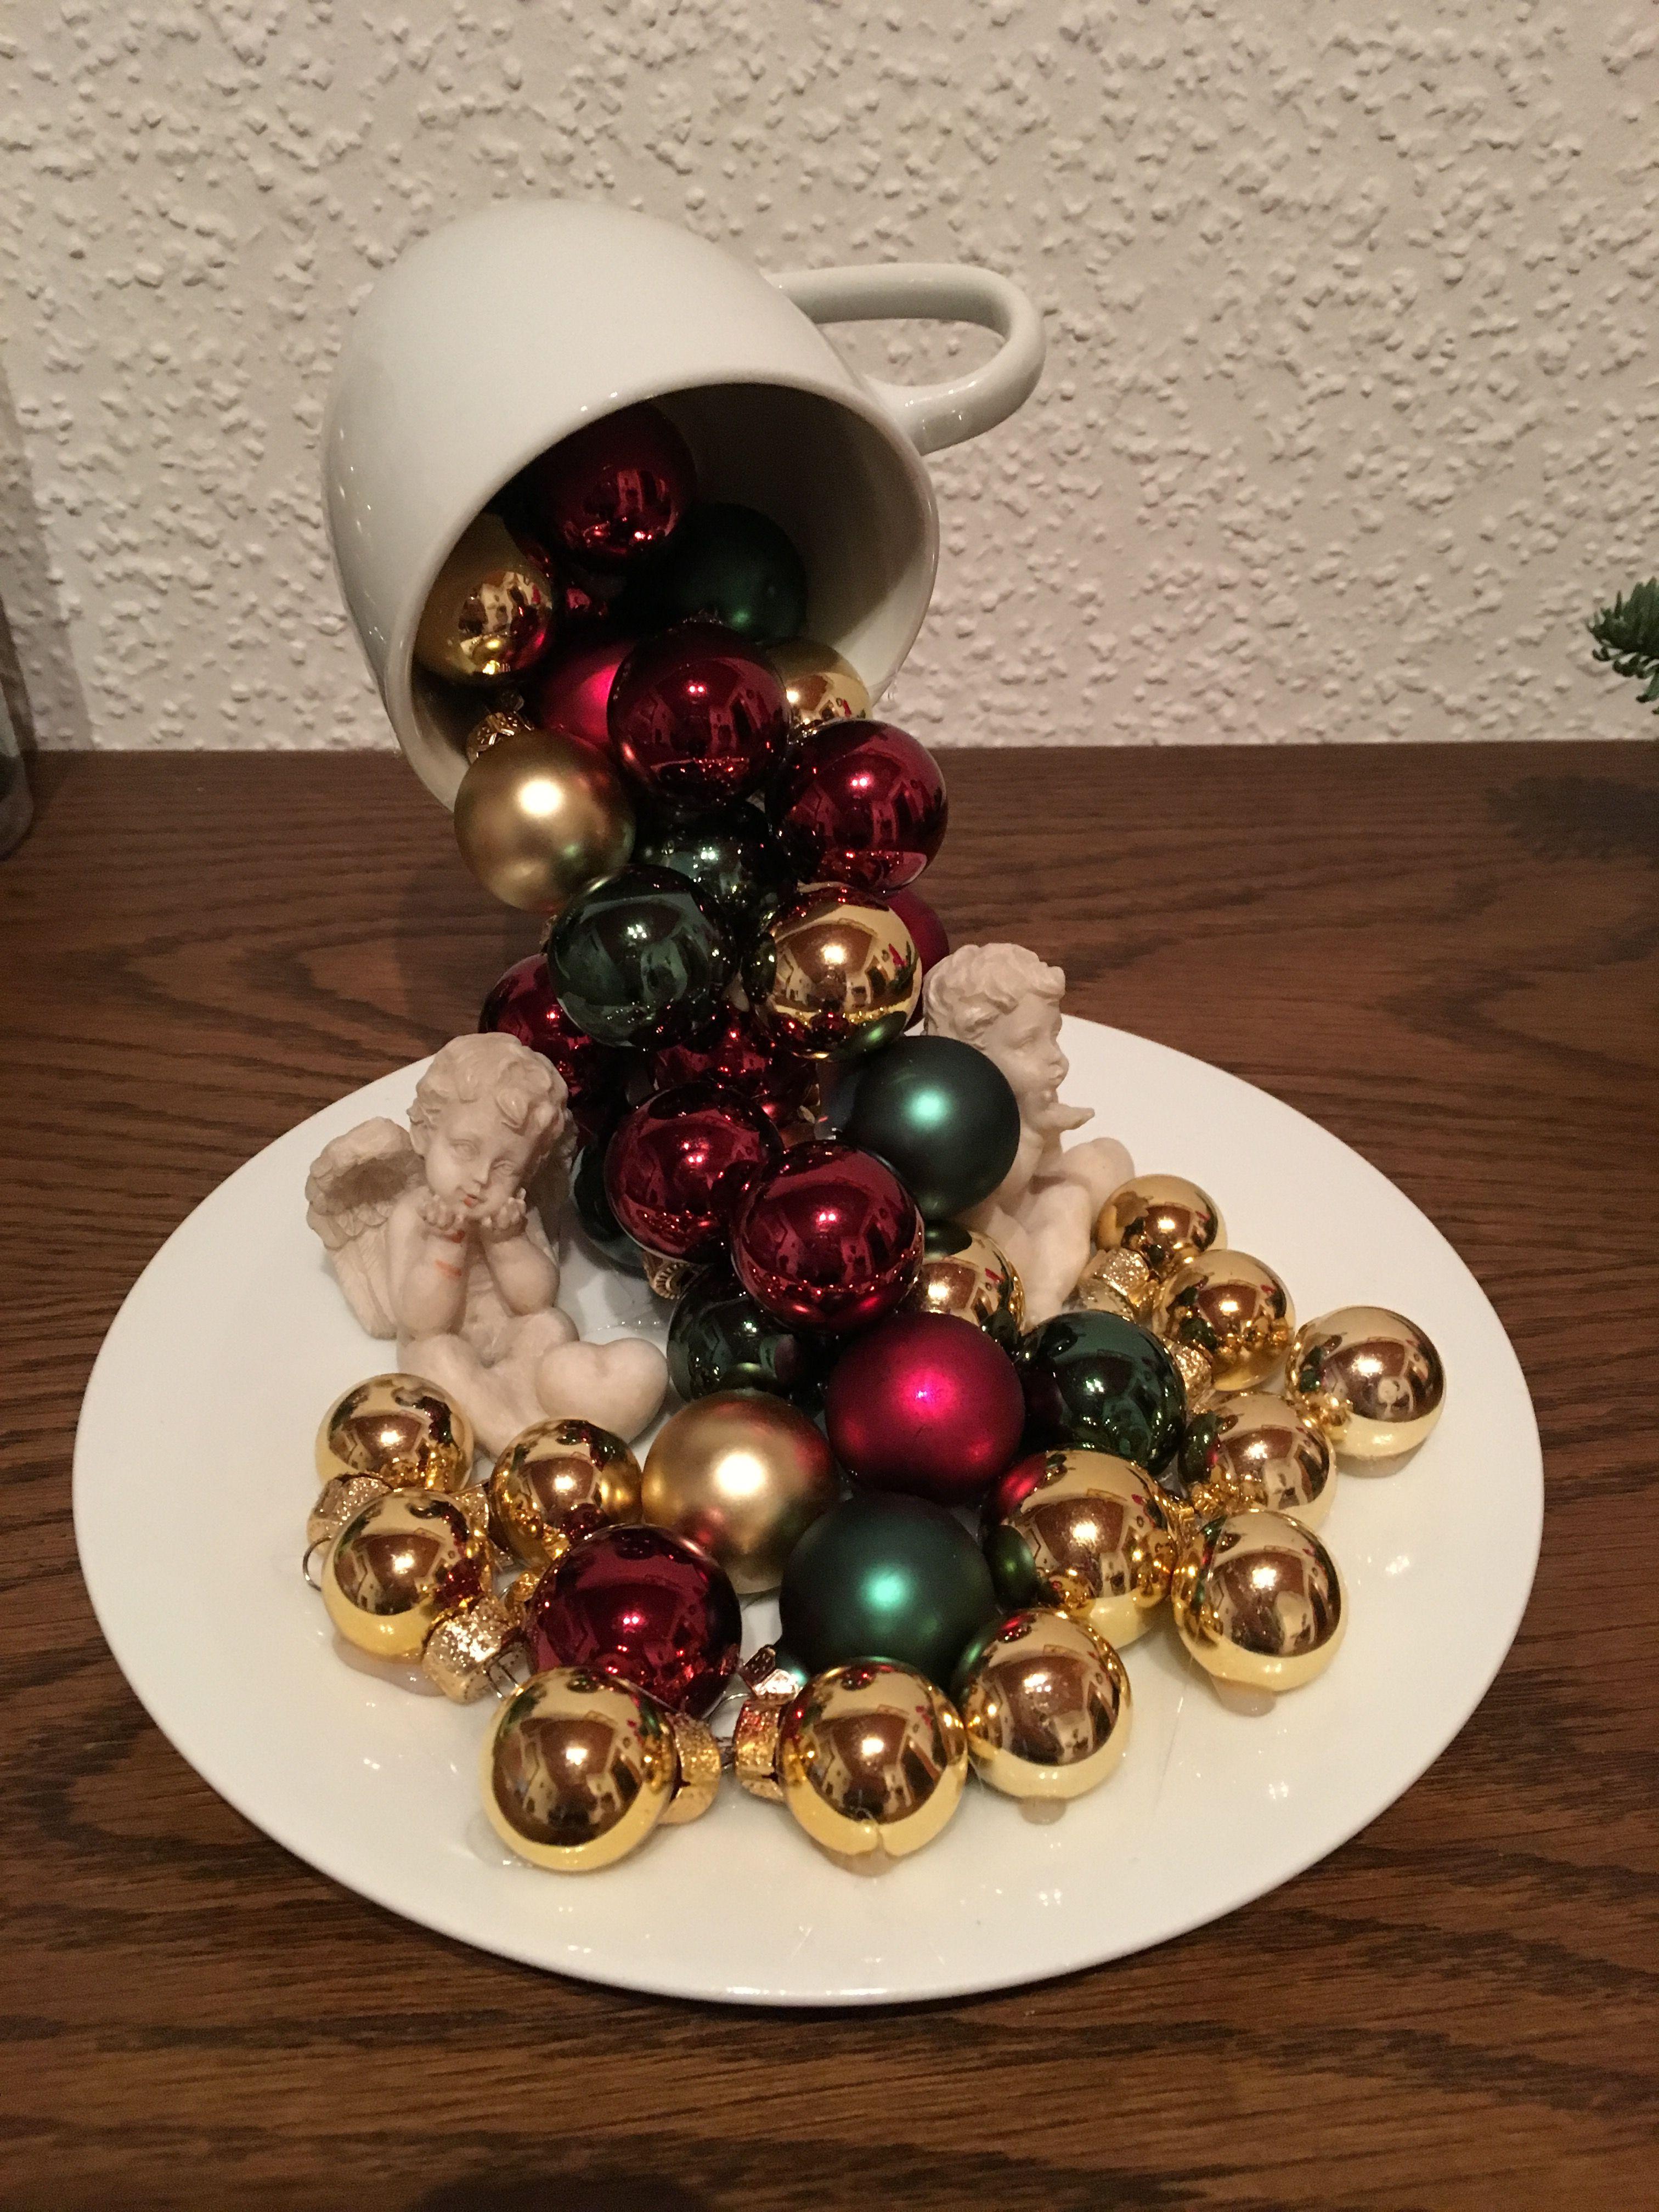 Attractive Einfache Dekoration Und Mobel Pantone Weihnachtskugeln #12: Schwebende Tasse Mit Weihnachtskugeln